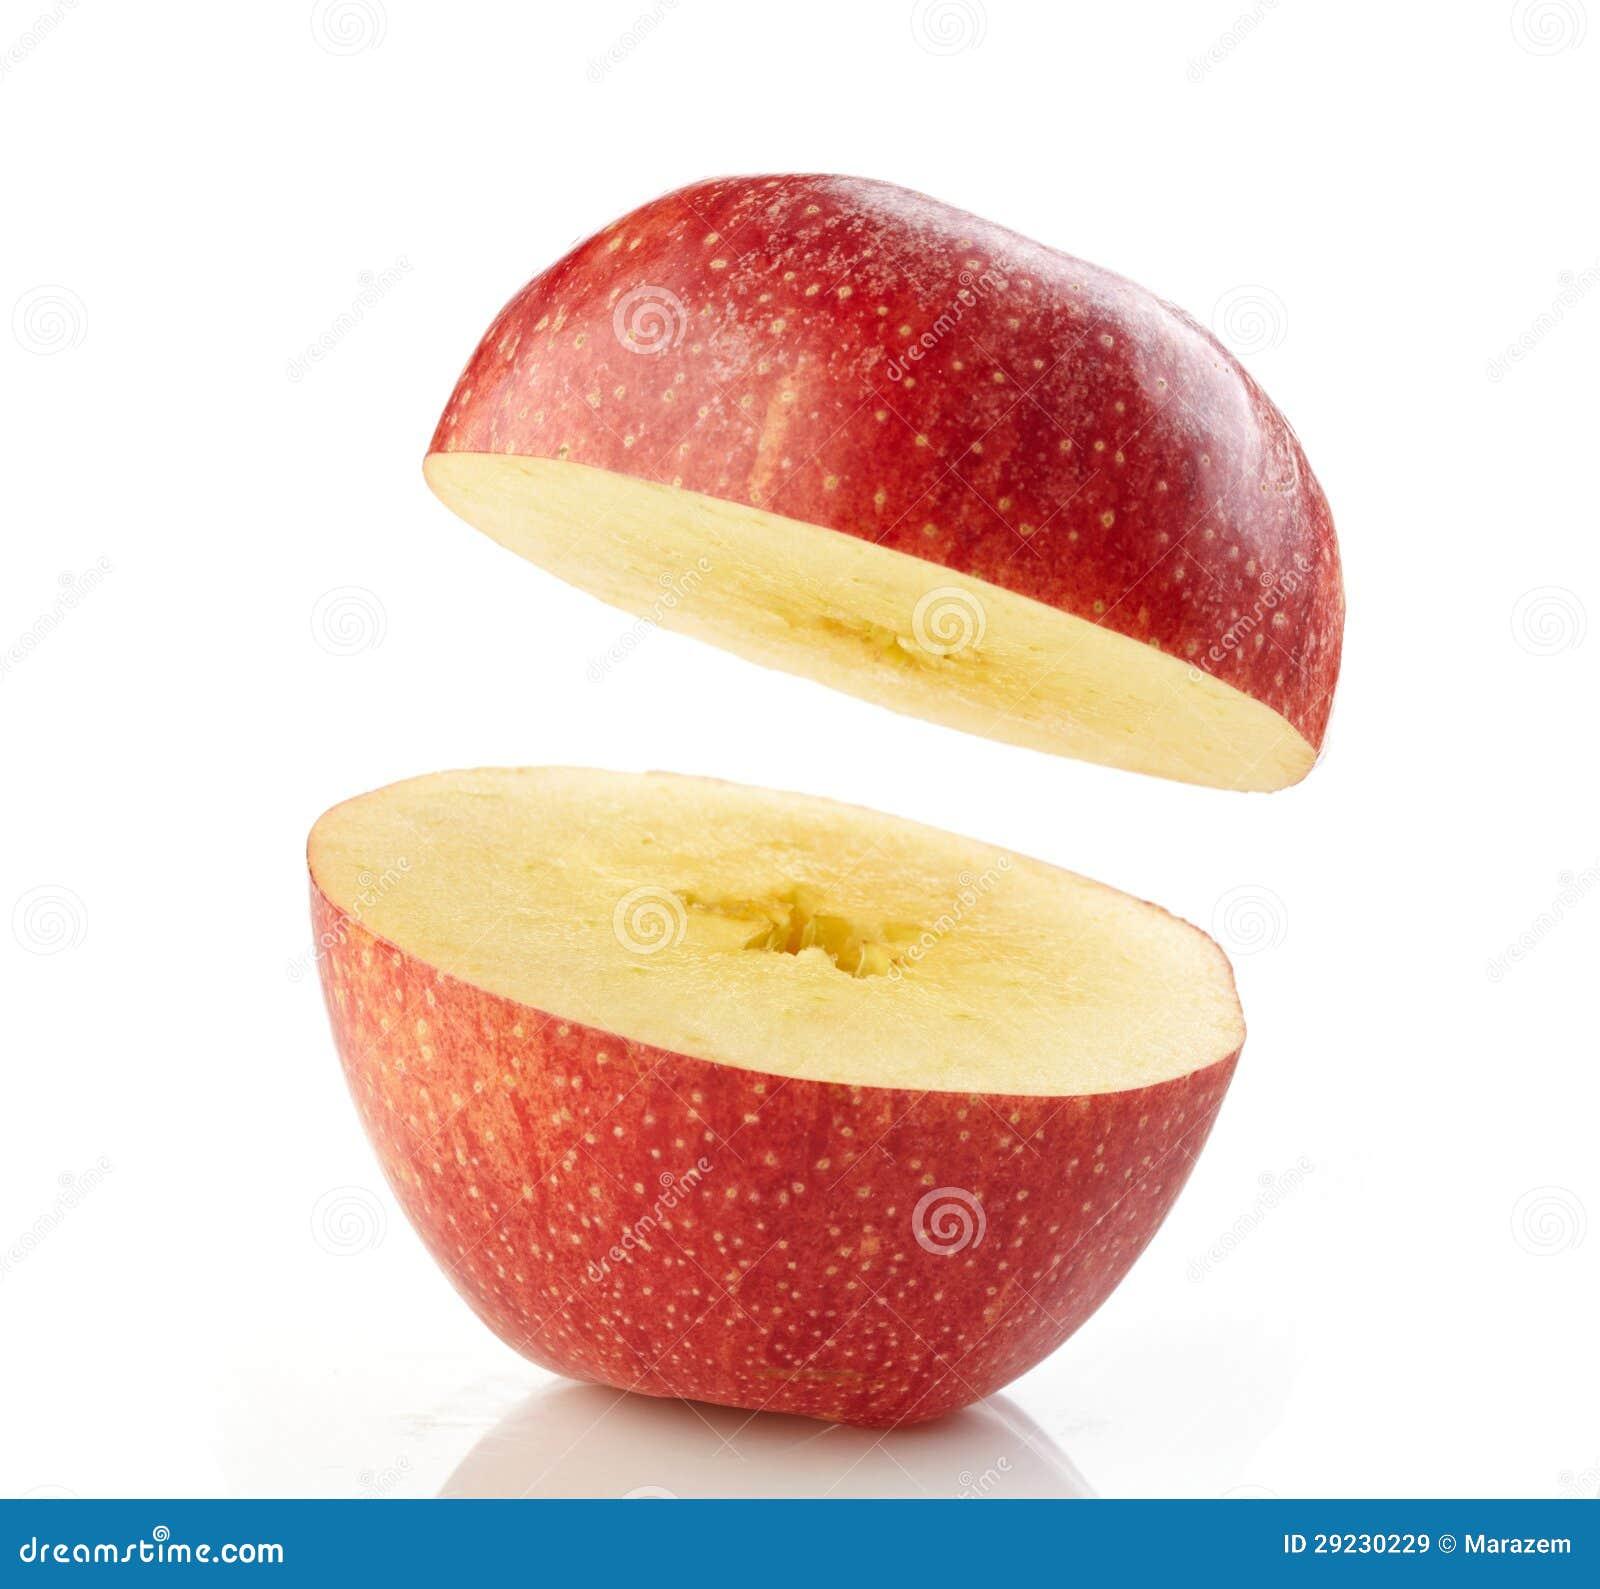 Download Meia maçã imagem de stock. Imagem de dieting, frescor - 29230229